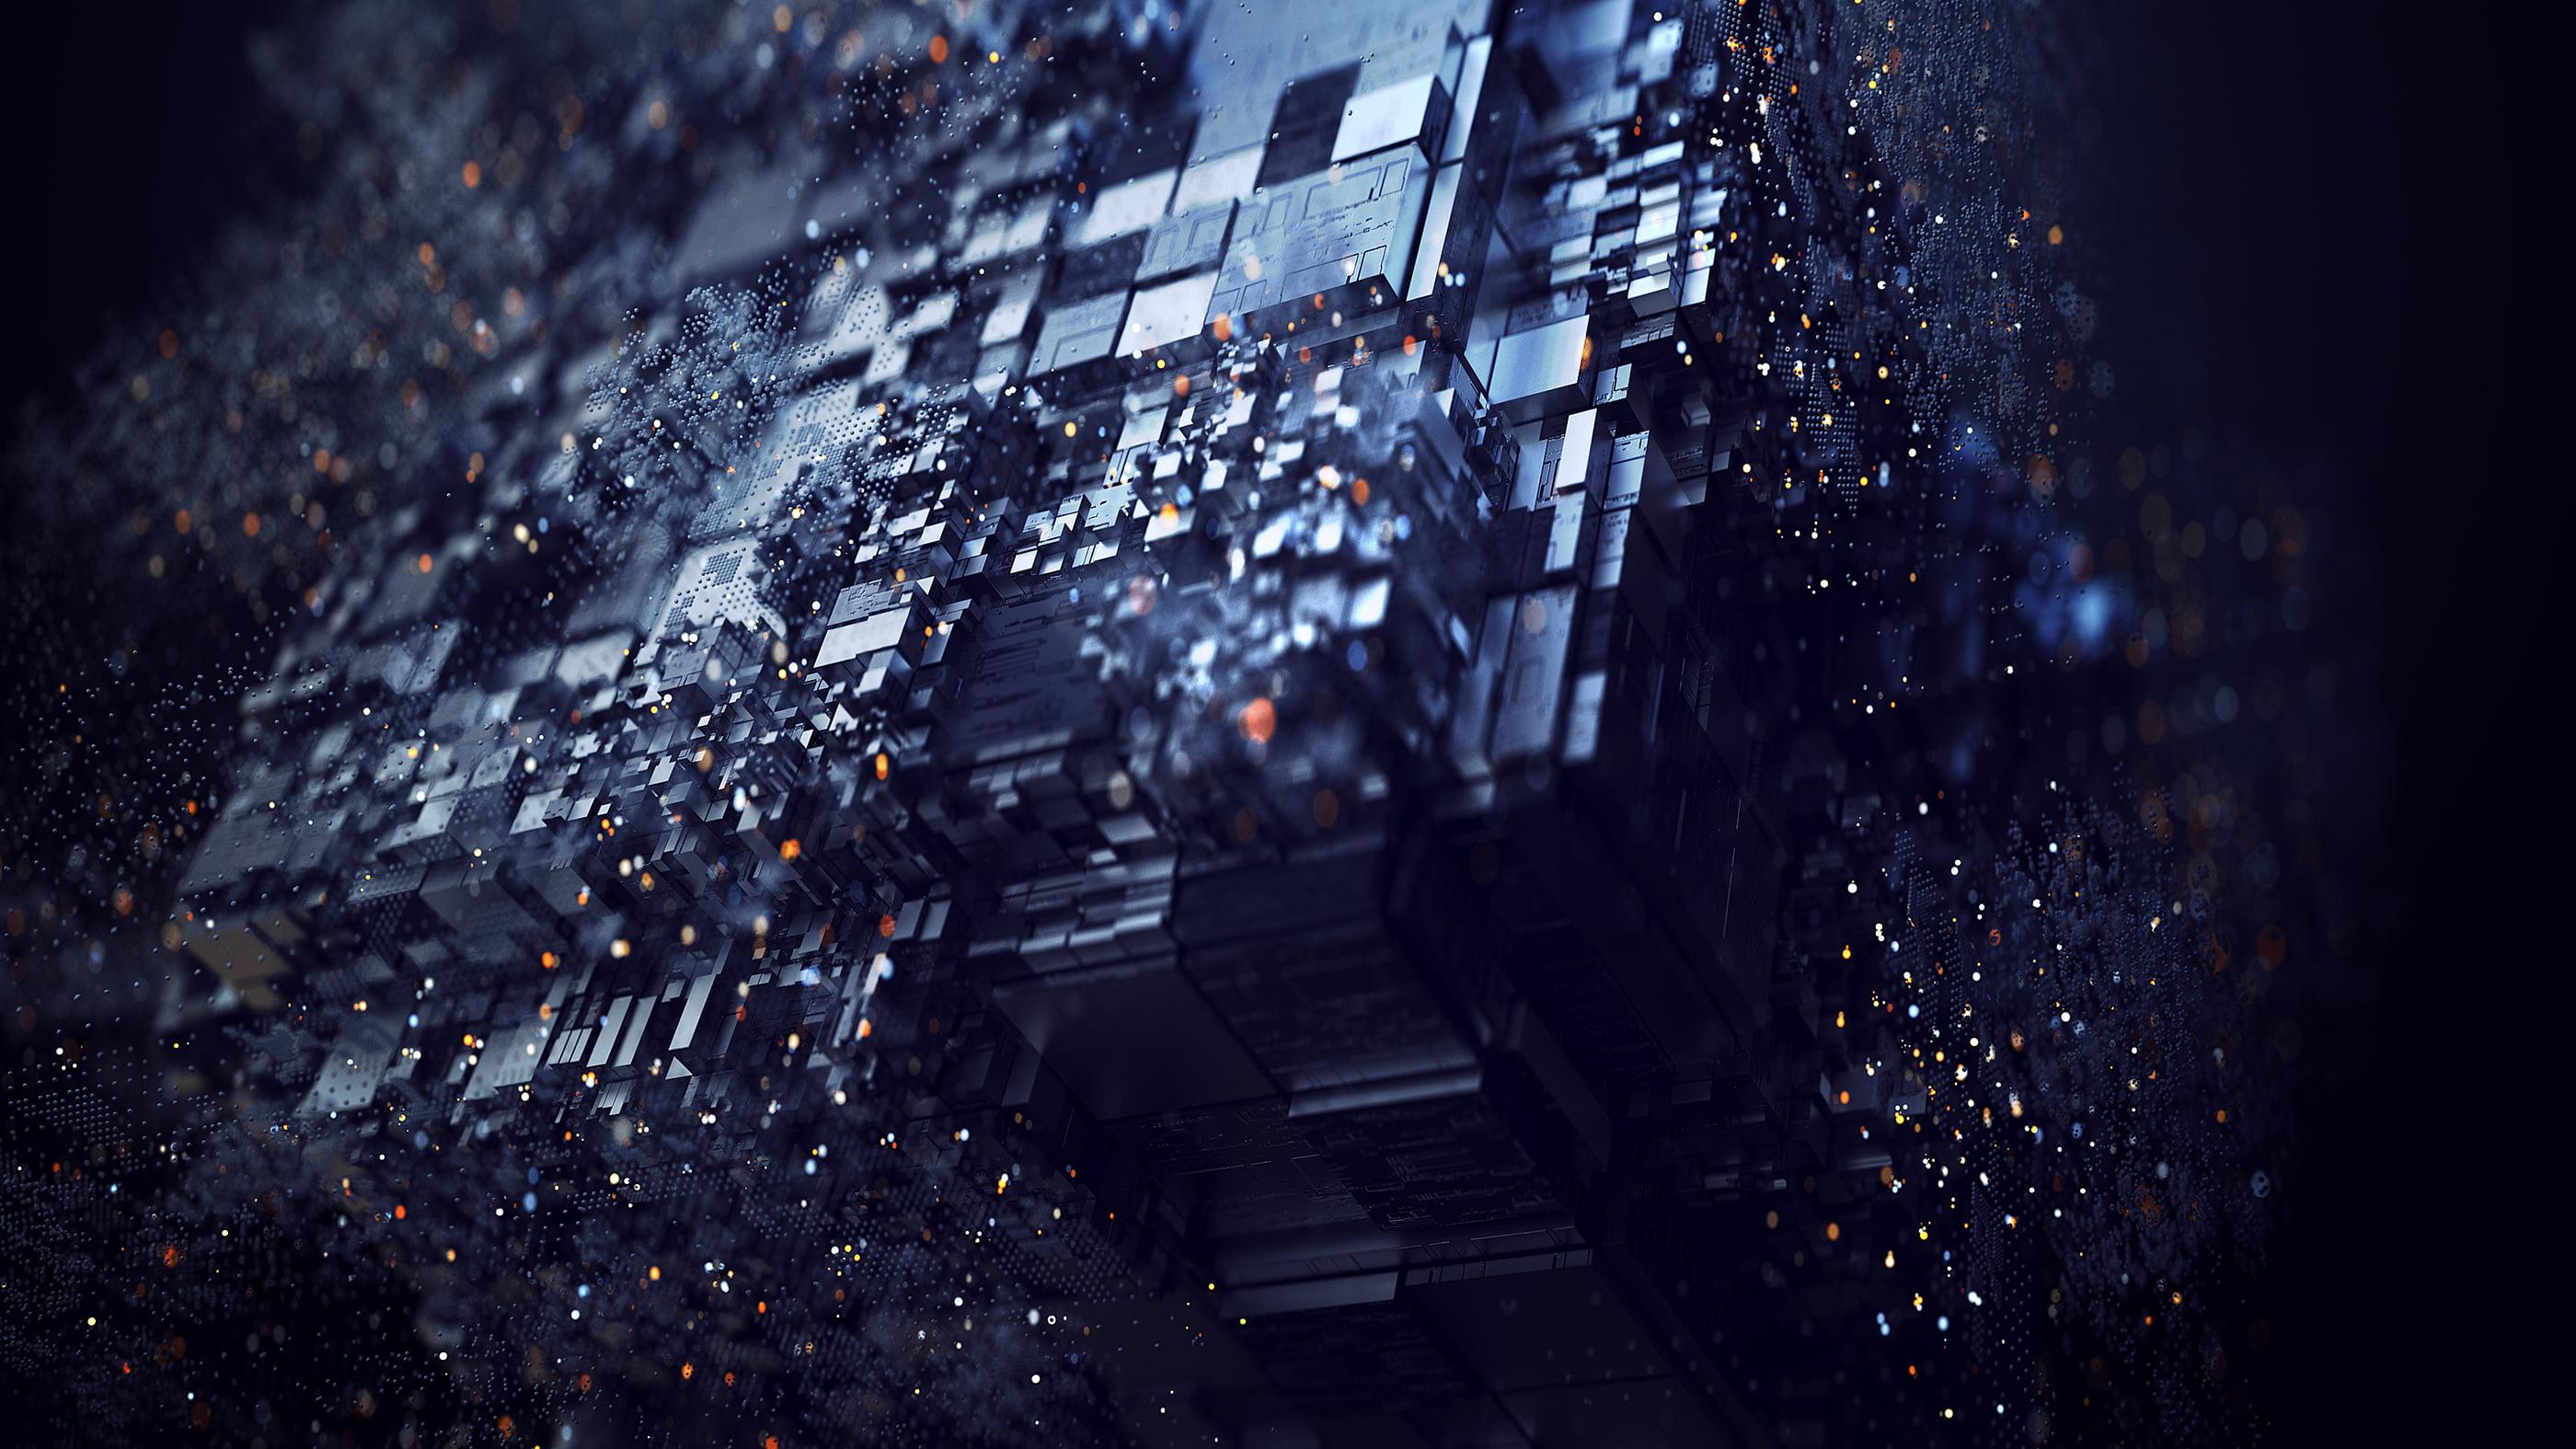 Iphone 2g Wallpaper Abstract 3d Digital Art Denis Mitrofanov Hd Wallpaper